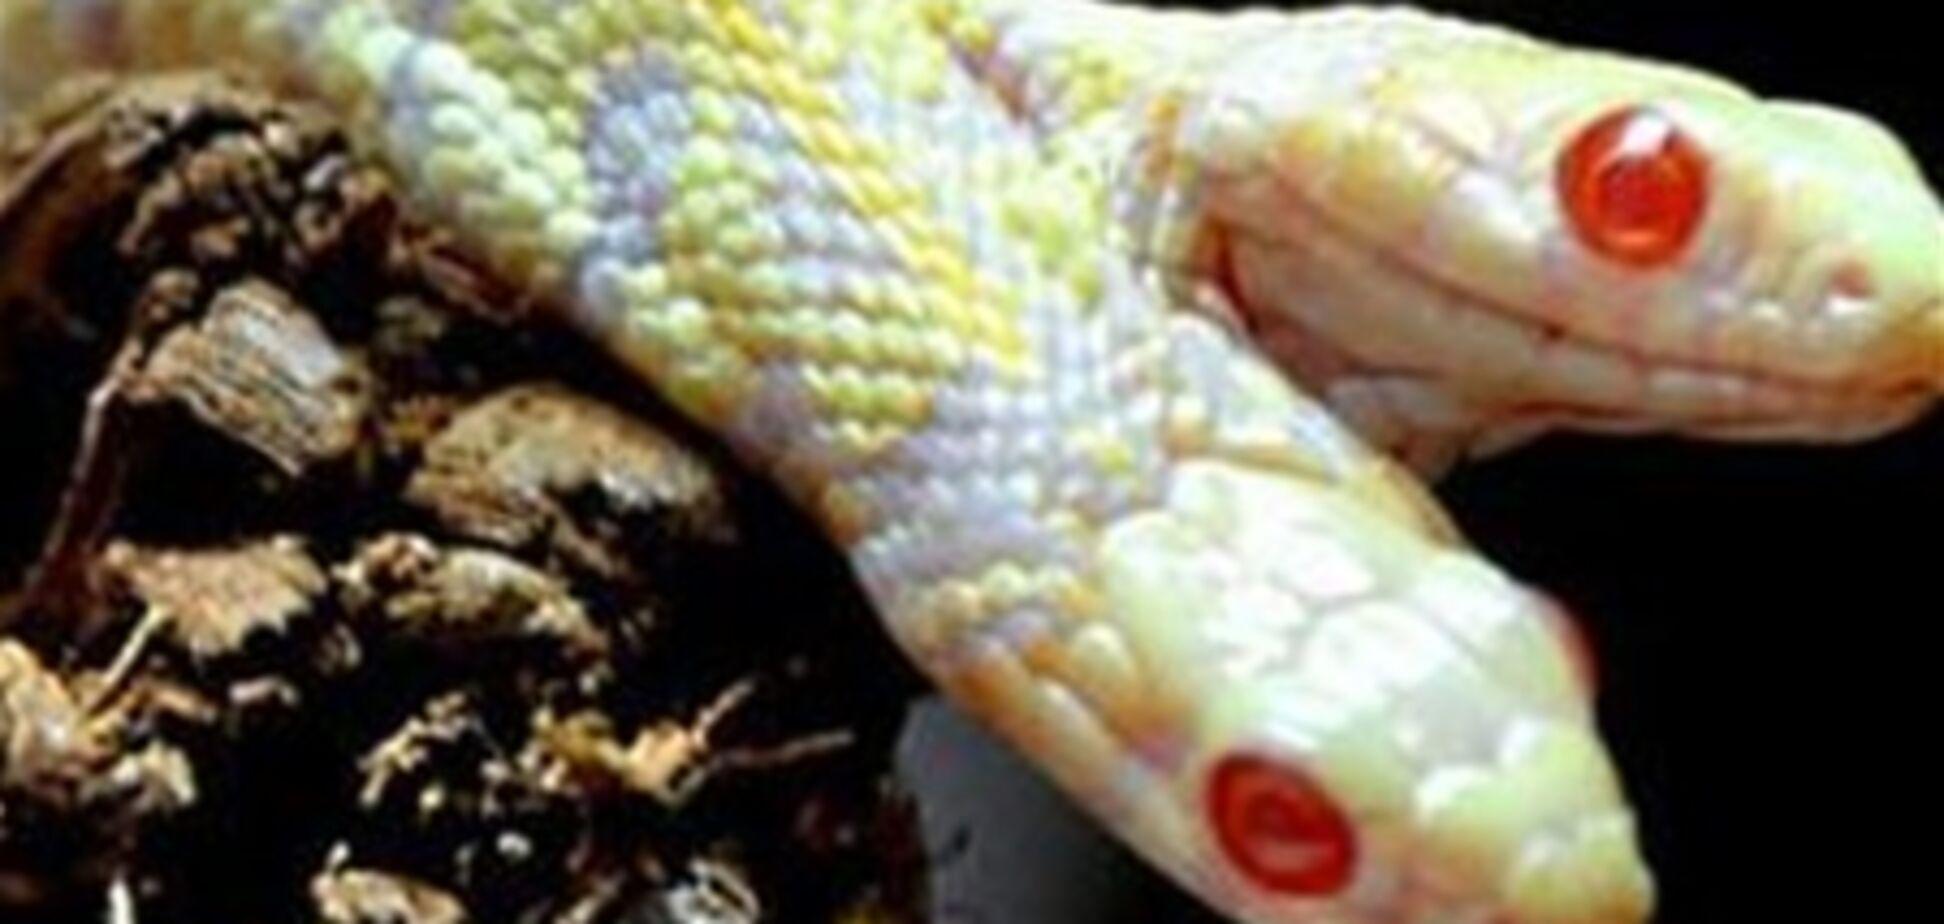 Двухголовые змеи существуют не только в сказках